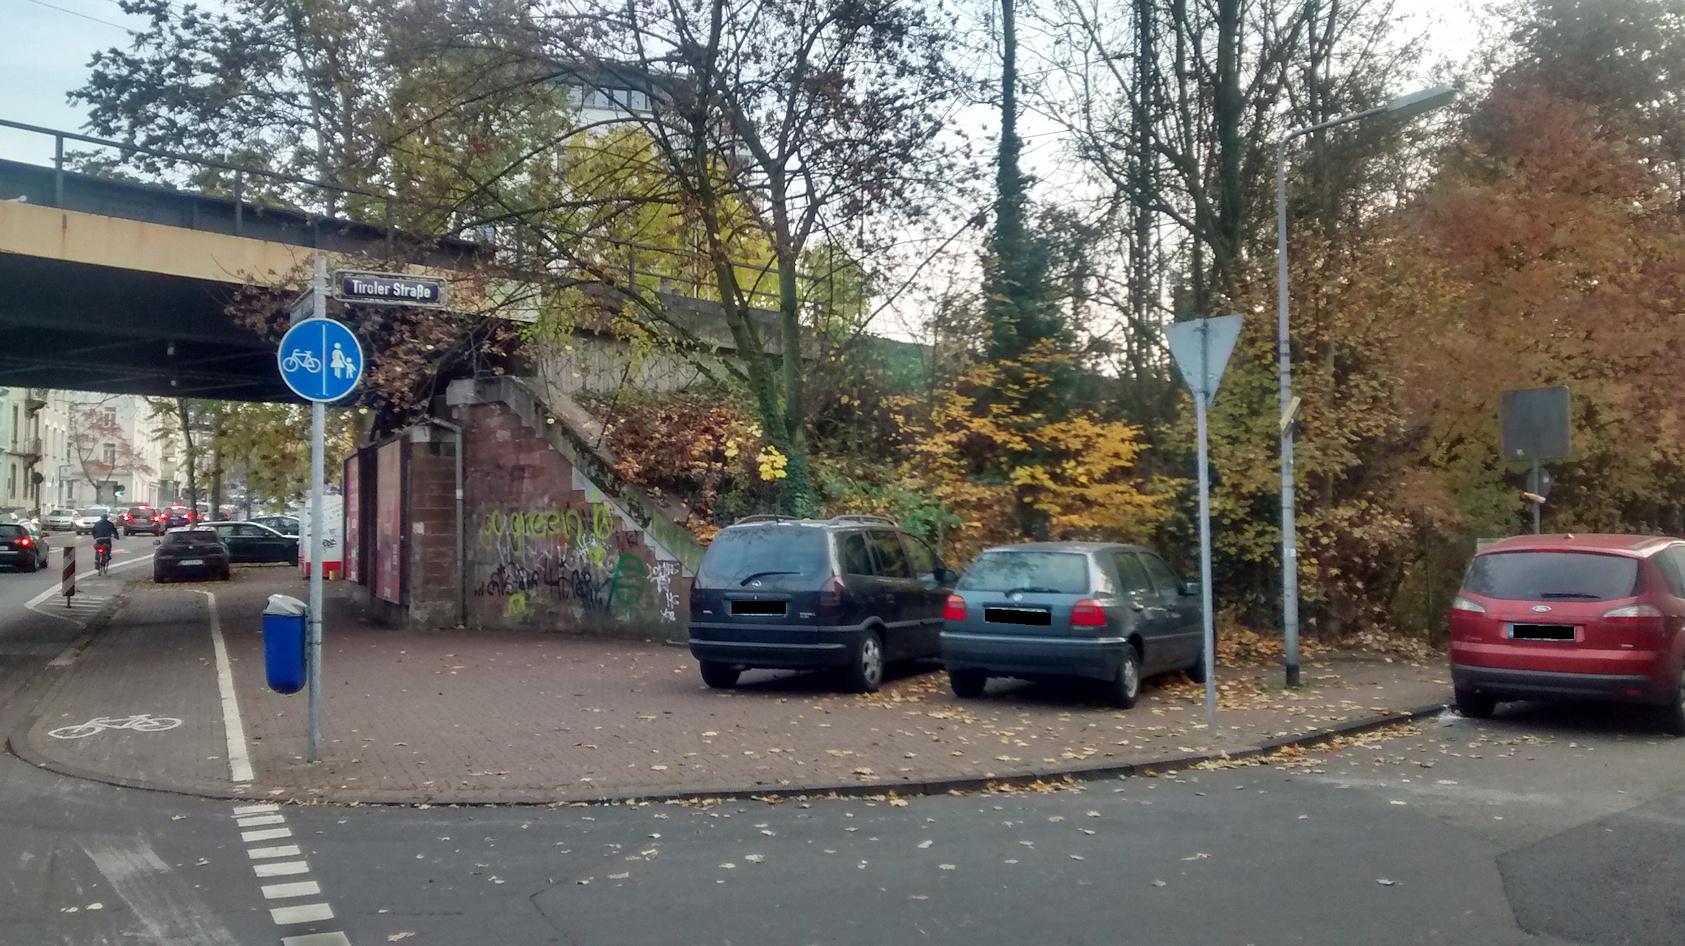 wieso ist hier angeblich parkverbot gehweg parken verboten verkehrstalk foren. Black Bedroom Furniture Sets. Home Design Ideas